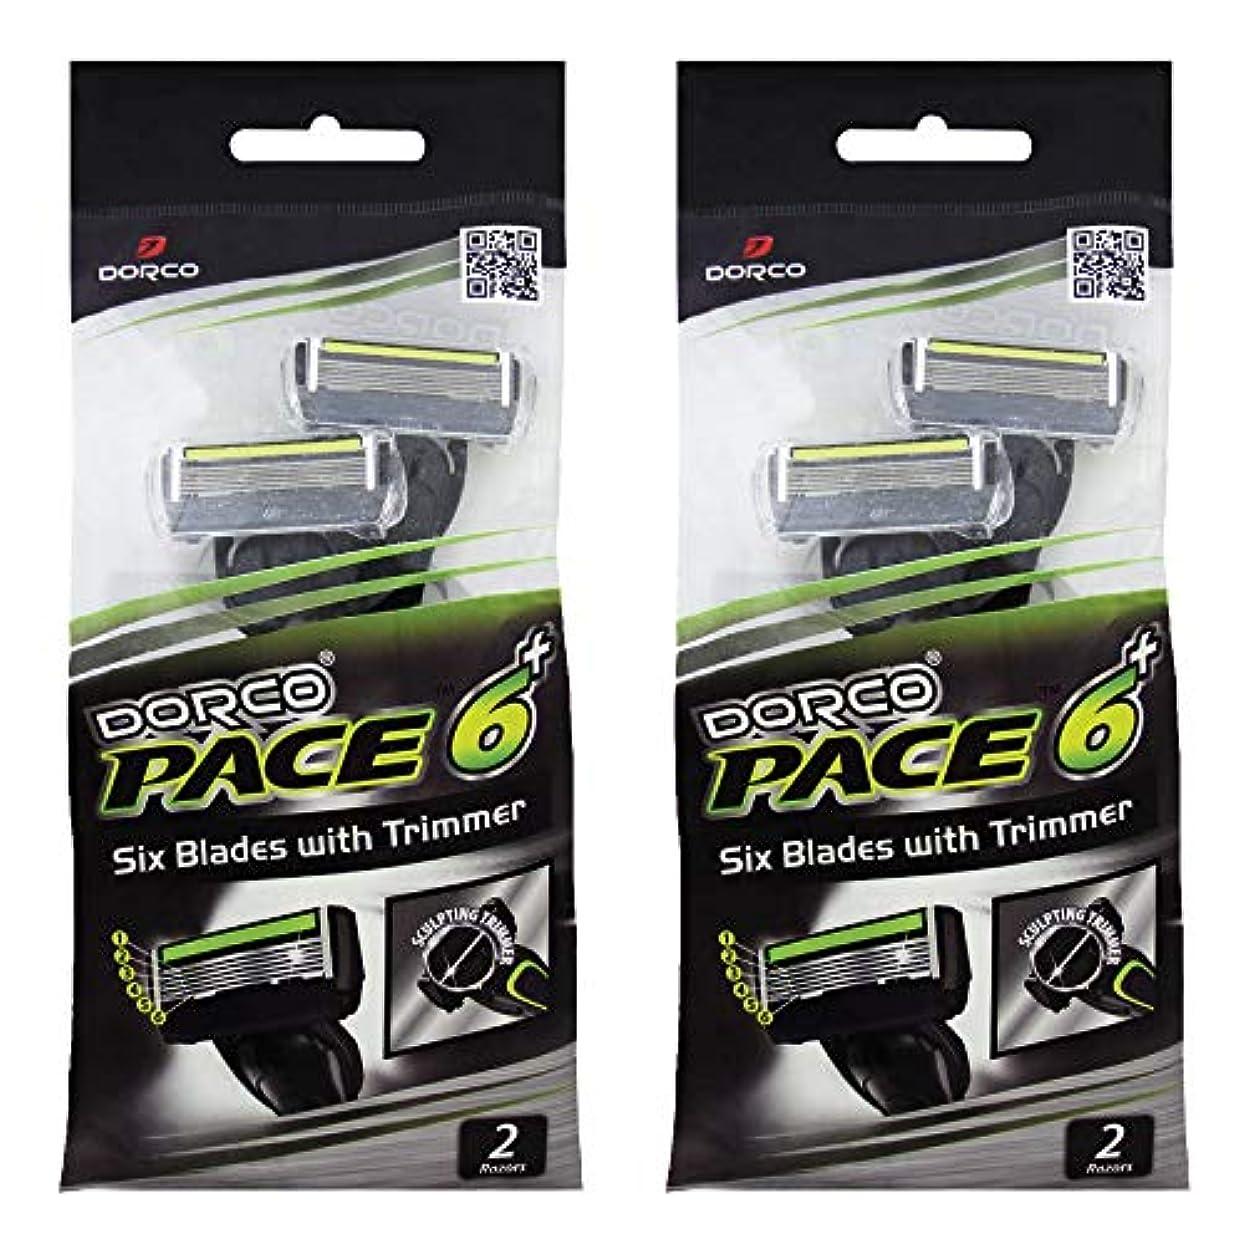 宿泊施設集計僕のドルコ Pace6 Plus 枚刃カミソリ トリマー付き:Dorco メンズT字シェーバー4本入り、使い捨て、肌に優しい深剃り [並行輸入品]